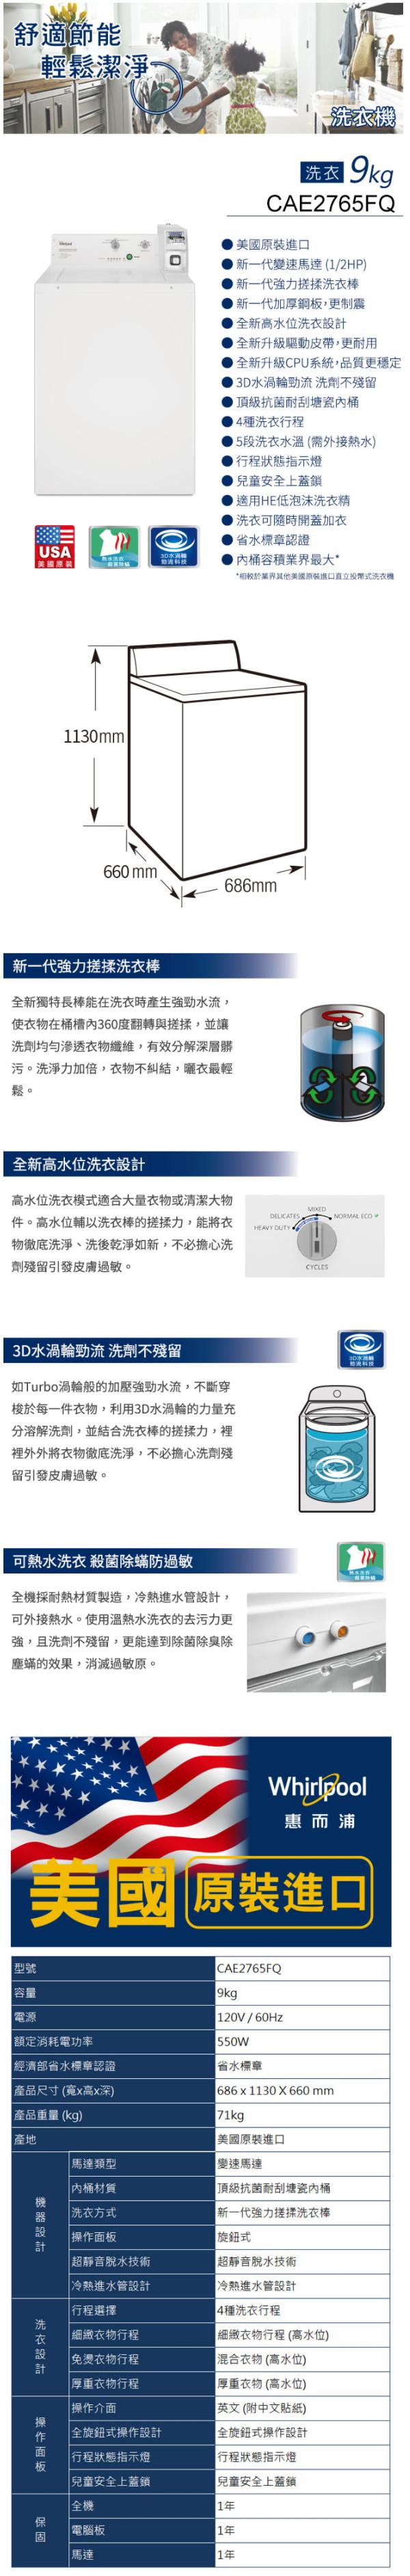 尚麟SUNLING 惠而浦 9公斤 商用投幣式 冷熱洗衣機 CAE2765FQ 美國製 可改10~50元 來電優惠